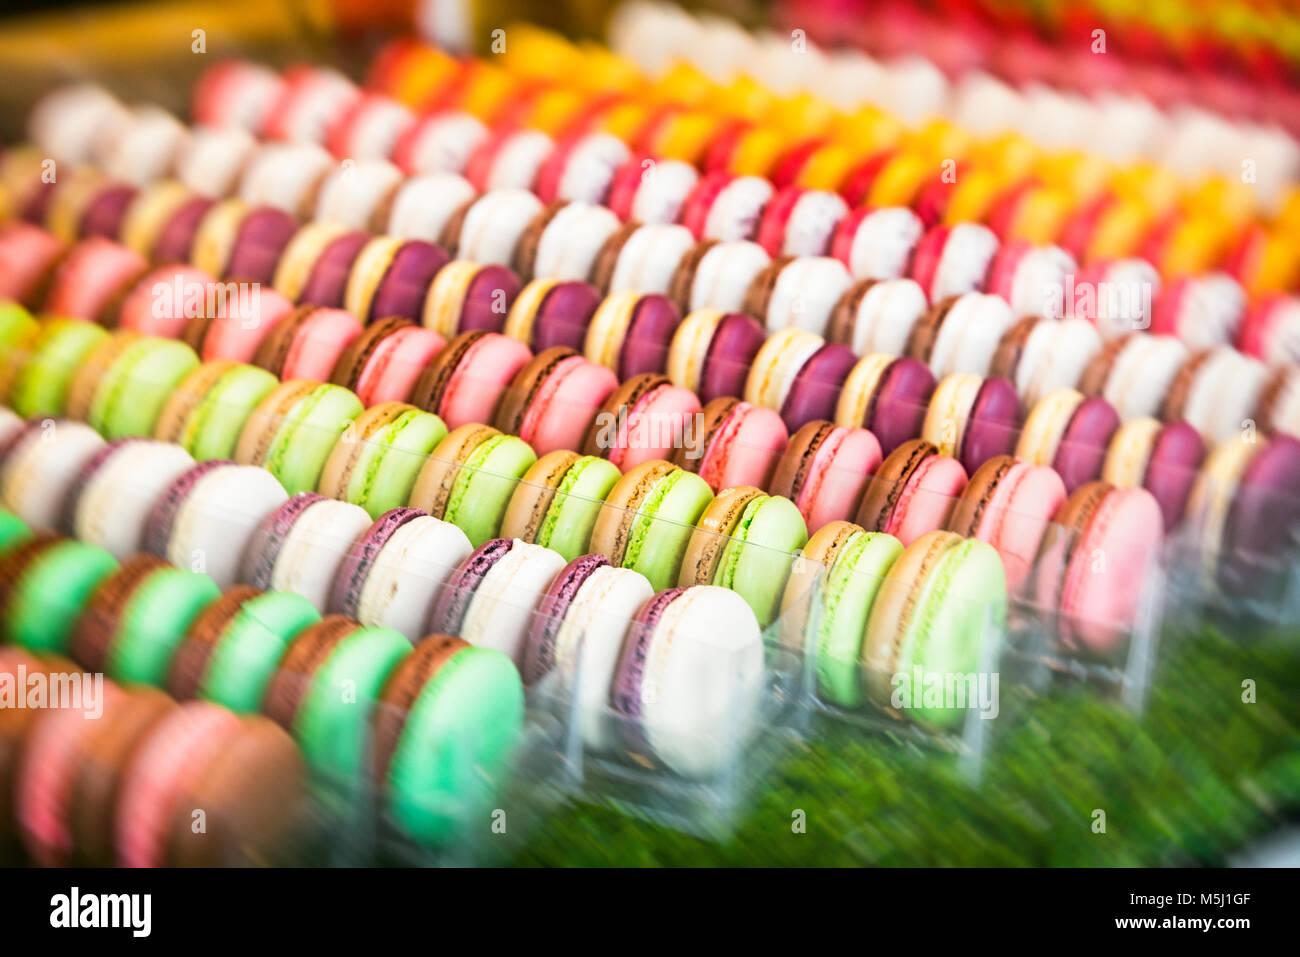 Macarons - Stock Image